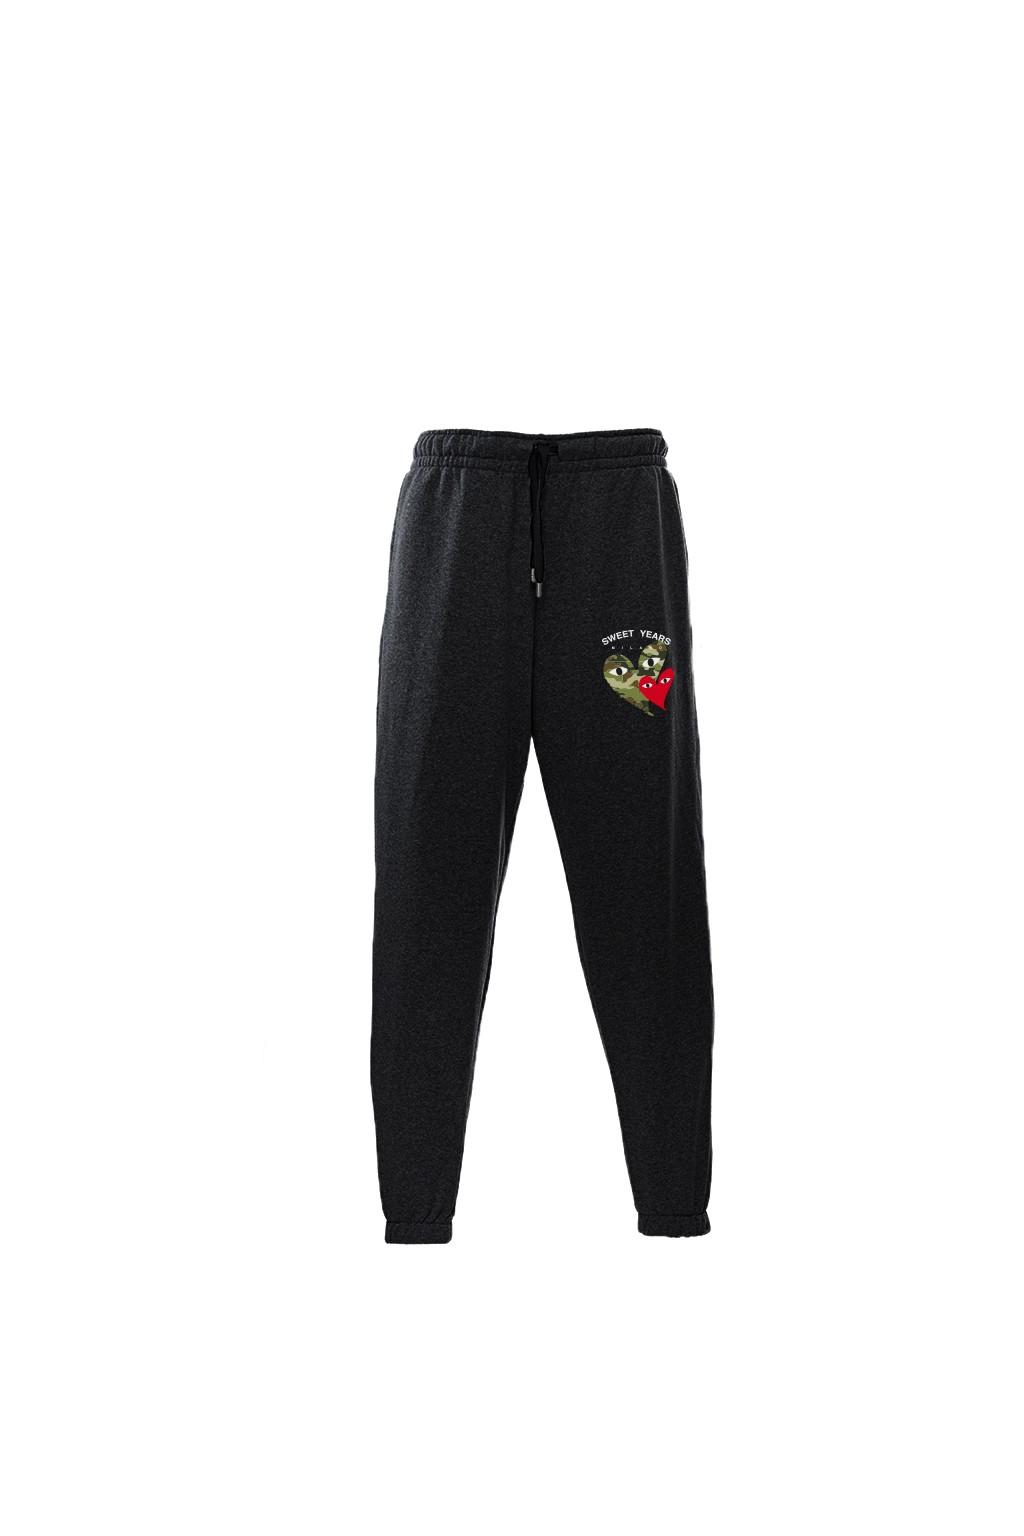 Pantaloni in felpa di cotone nero con interno garzato Sweet Years Milano con stampa cuori.